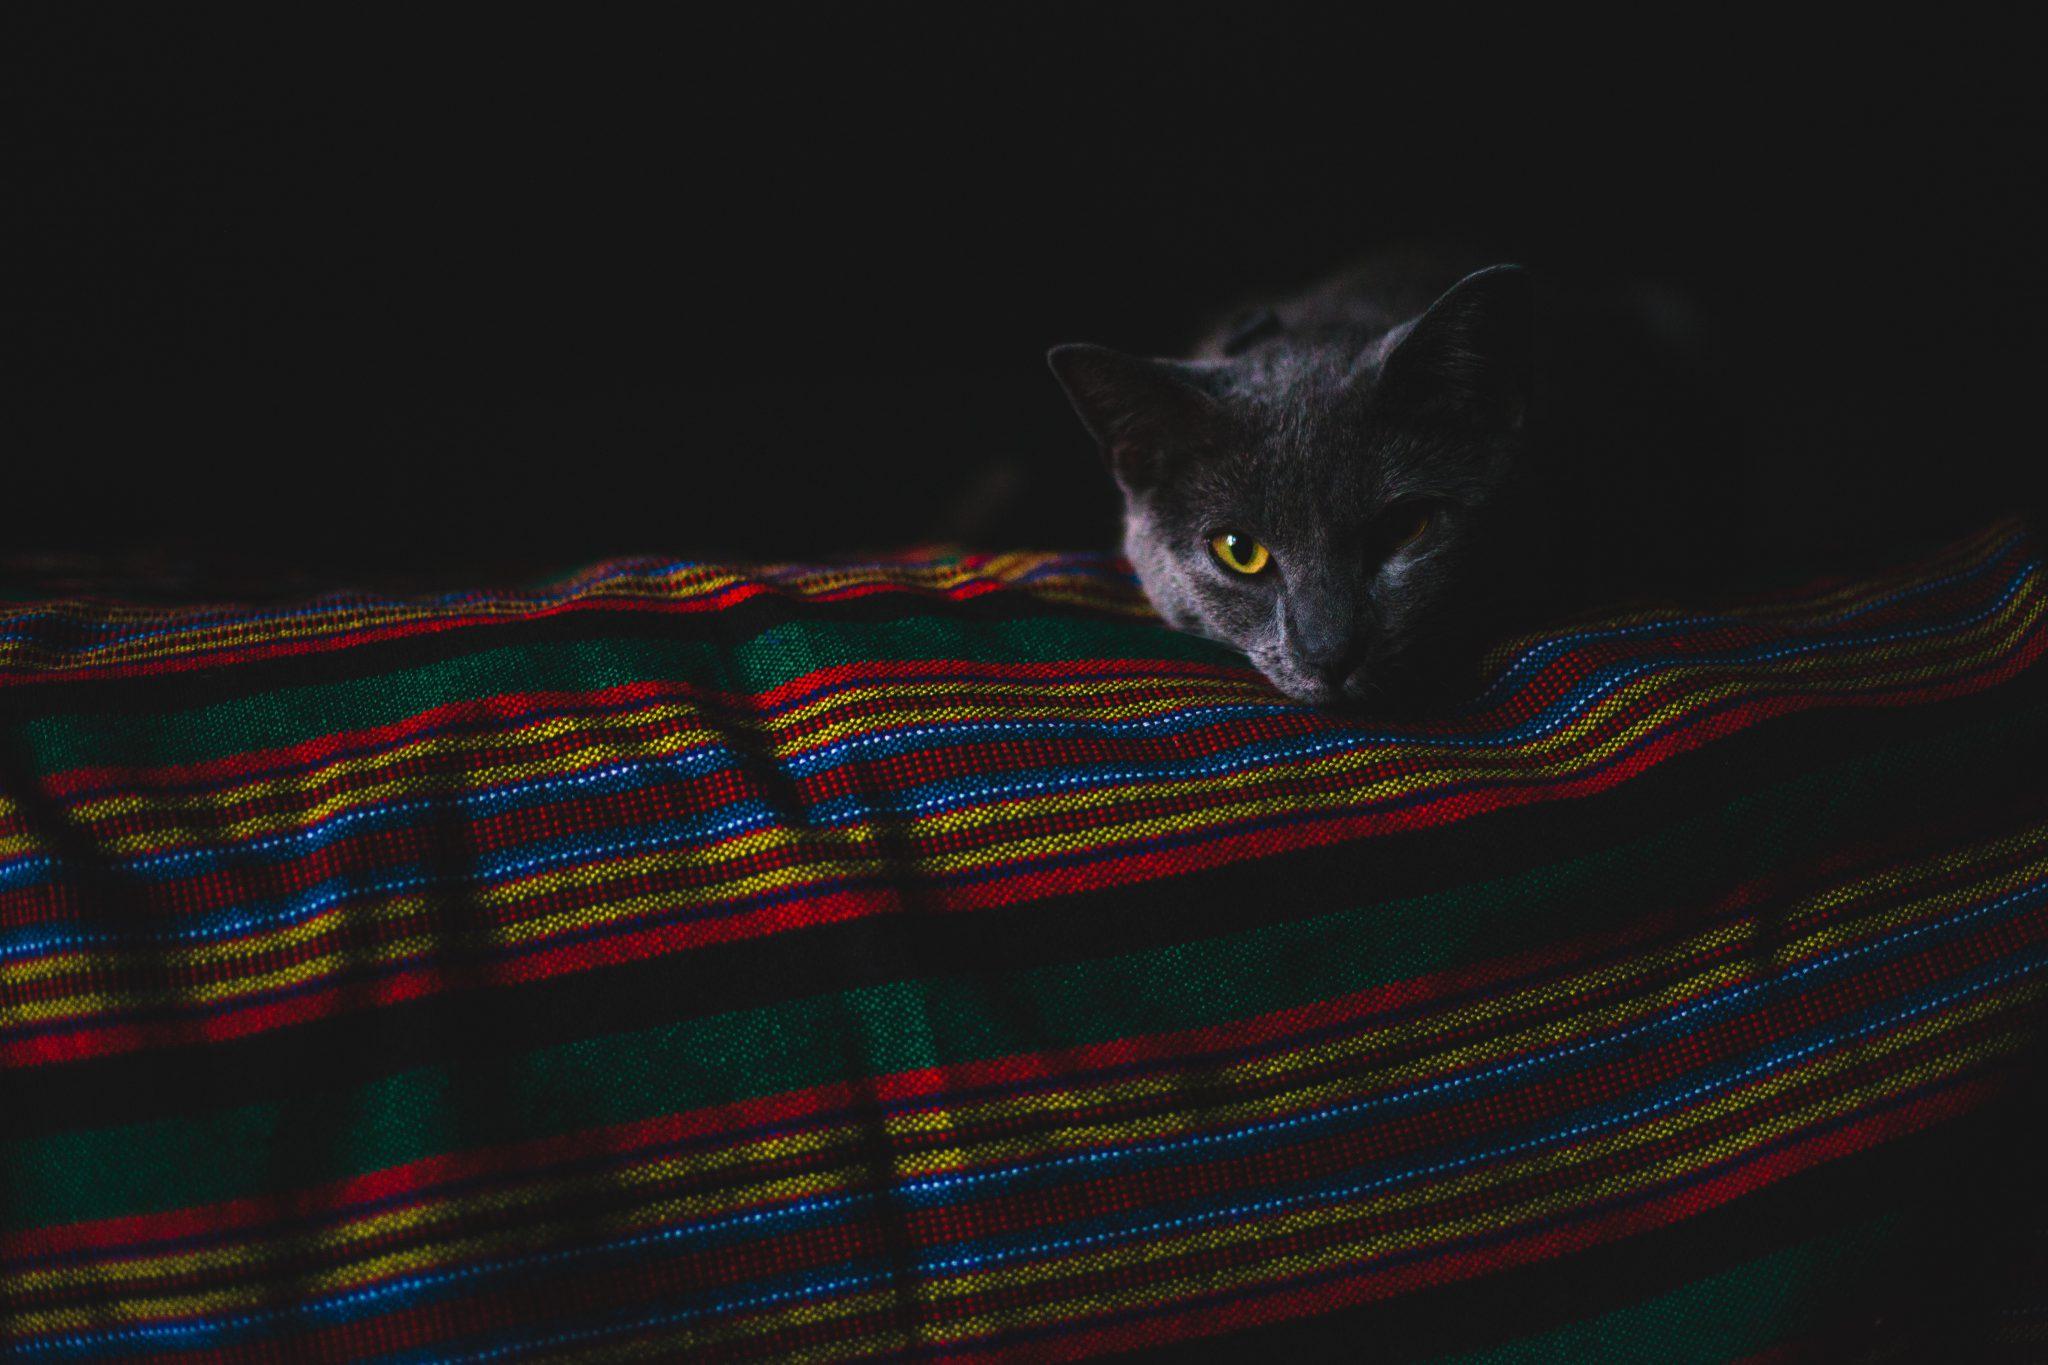 집사 쳐다보는 고양이